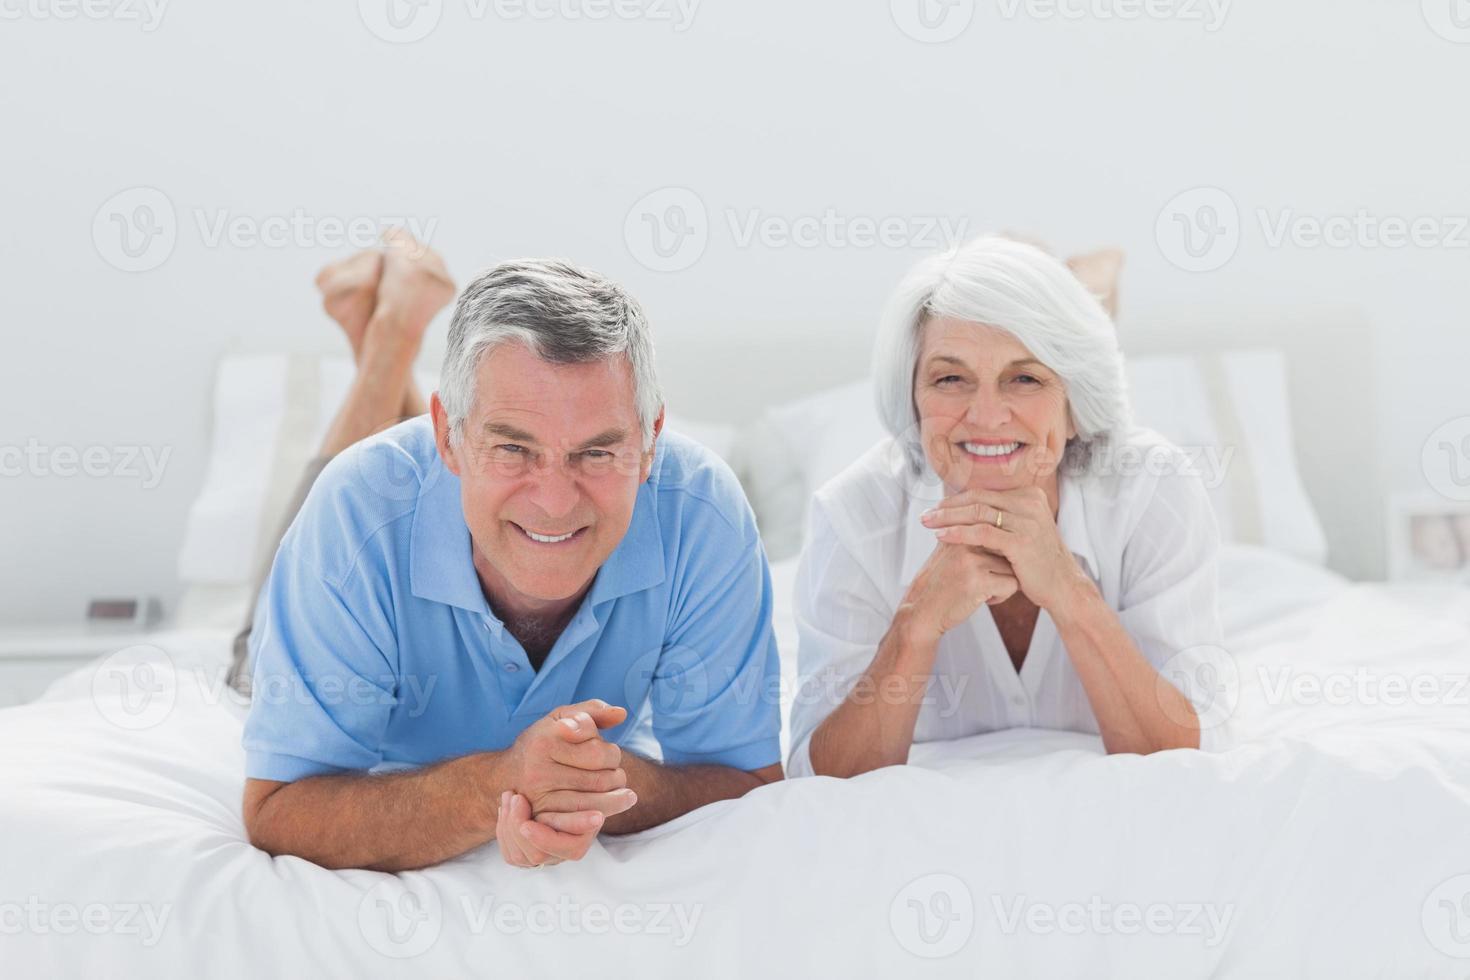 coppia sdraiata insieme nel letto foto